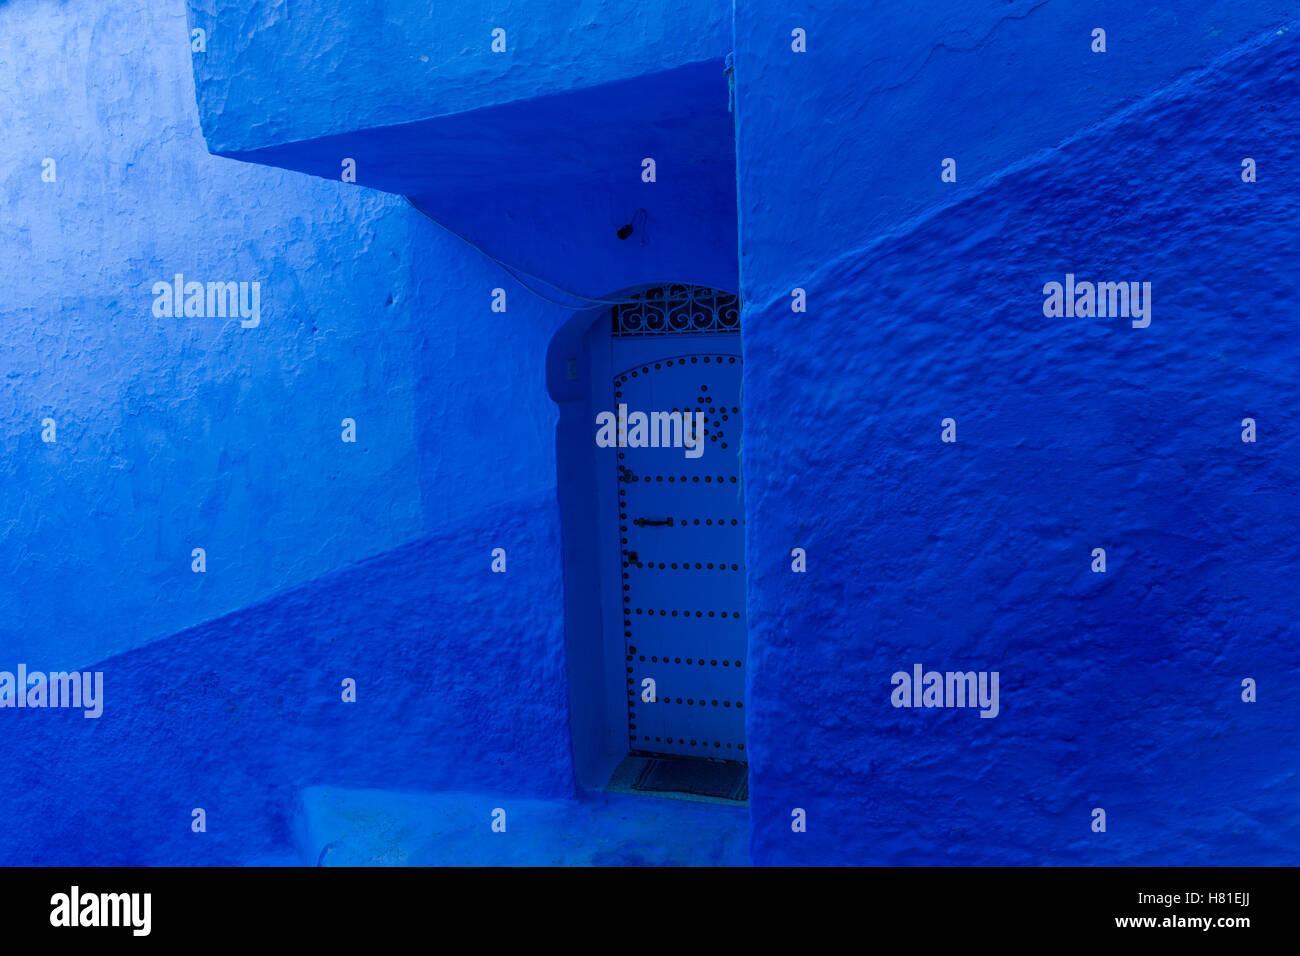 Marruecos,Chefchaouen, arquitectura de edificios limewashed indigo, puerta en azul Imagen De Stock